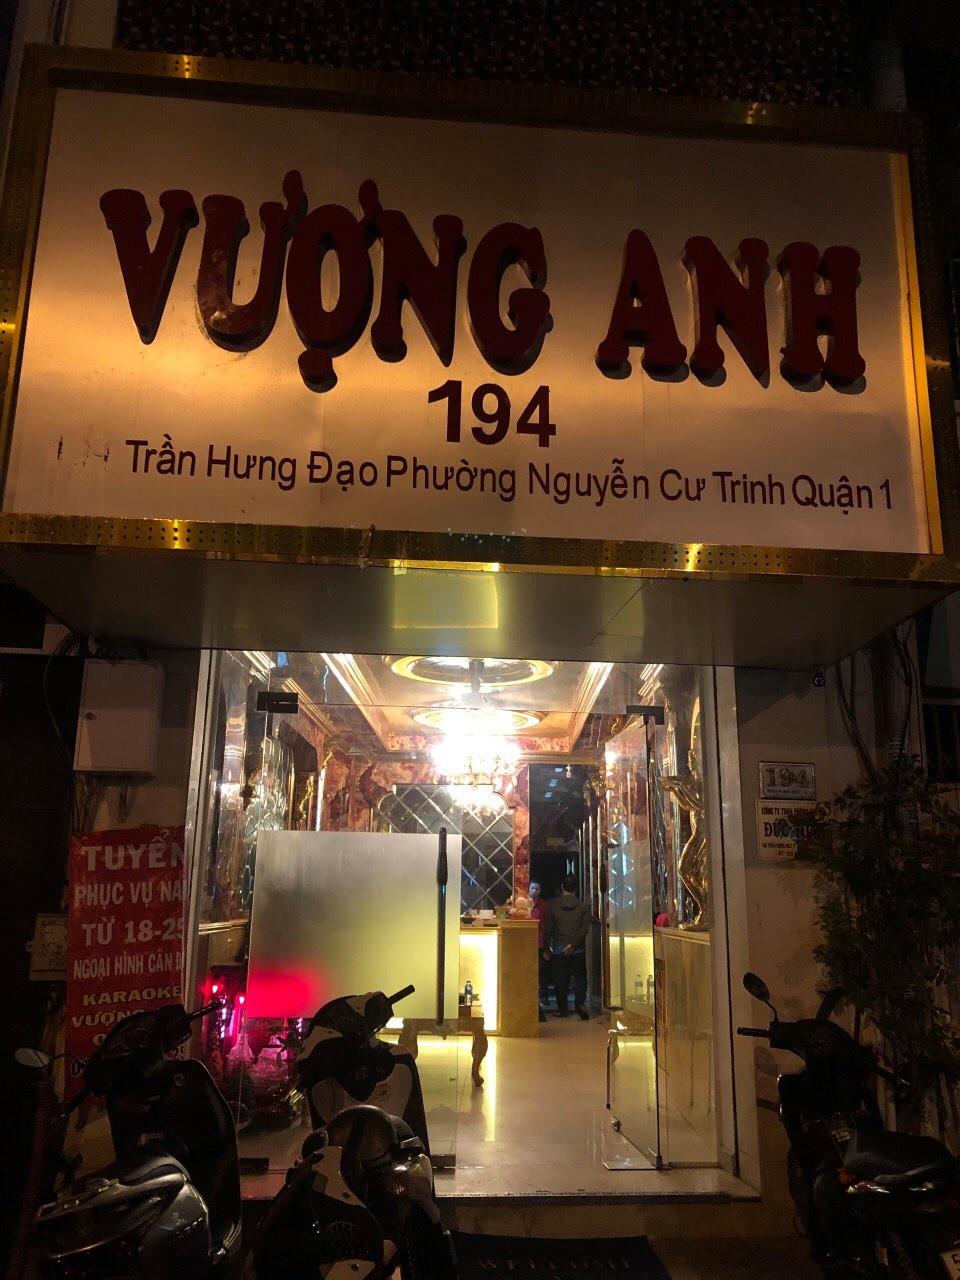 Nữ tiếp viên nhà hàng bán dâm cho khách ở trung tâm Sài Gòn - Ảnh 1.